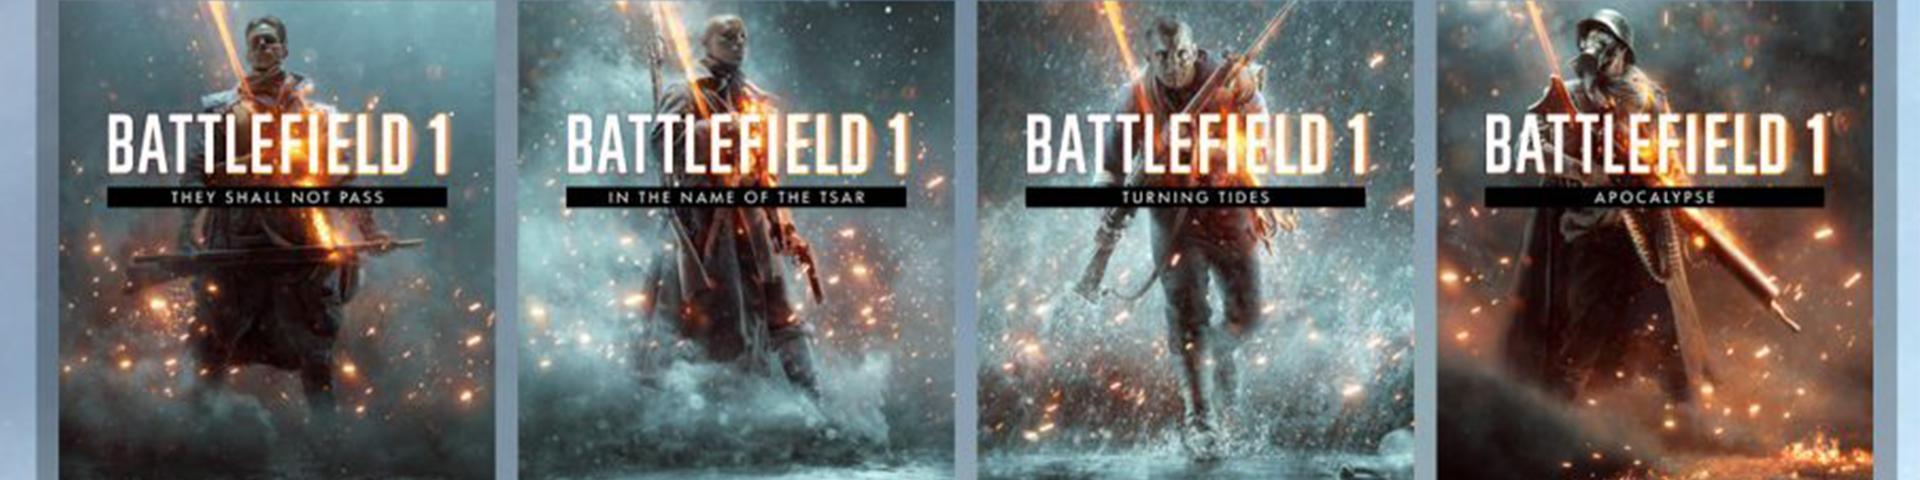 Battlefield 1 Premium Pass Free Header.png